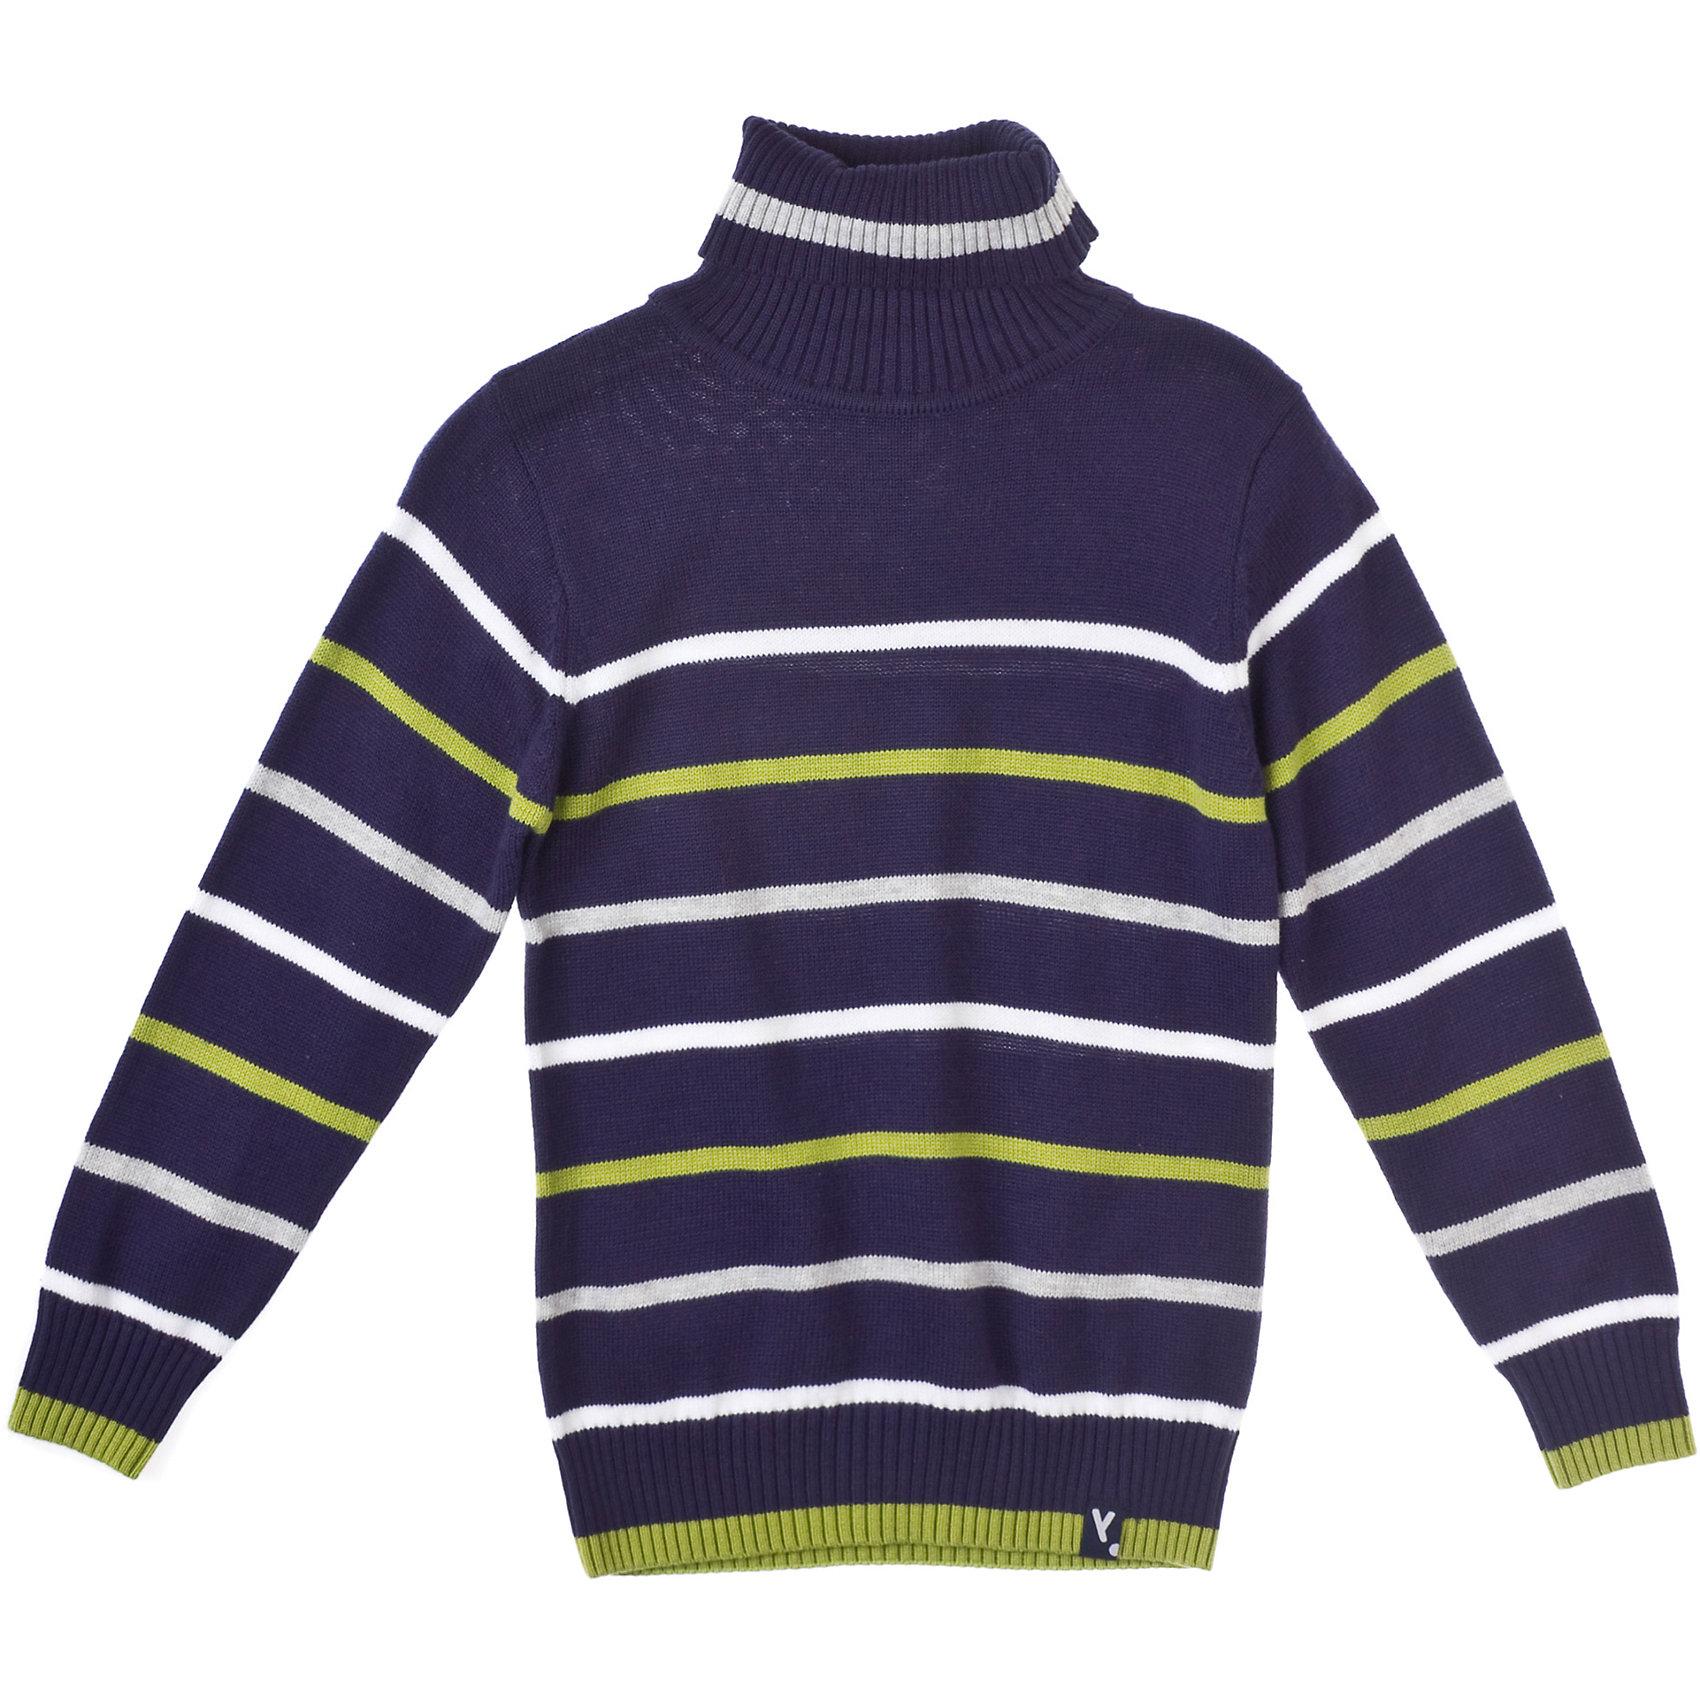 Свитер для мальчика PlayTodayСвитера и кардиганы<br>Джемпер для мальчика PlayToday Классический джемпер в полоску для повседневной носки. Высокий отложной воротник из трикотажной резинки. Состав: 80% хлопок, 18% нейлон, 2% эластан<br><br>Ширина мм: 190<br>Глубина мм: 74<br>Высота мм: 229<br>Вес г: 236<br>Цвет: полуночно-синий<br>Возраст от месяцев: 24<br>Возраст до месяцев: 36<br>Пол: Мужской<br>Возраст: Детский<br>Размер: 98,110,122,104,128,116<br>SKU: 4227671